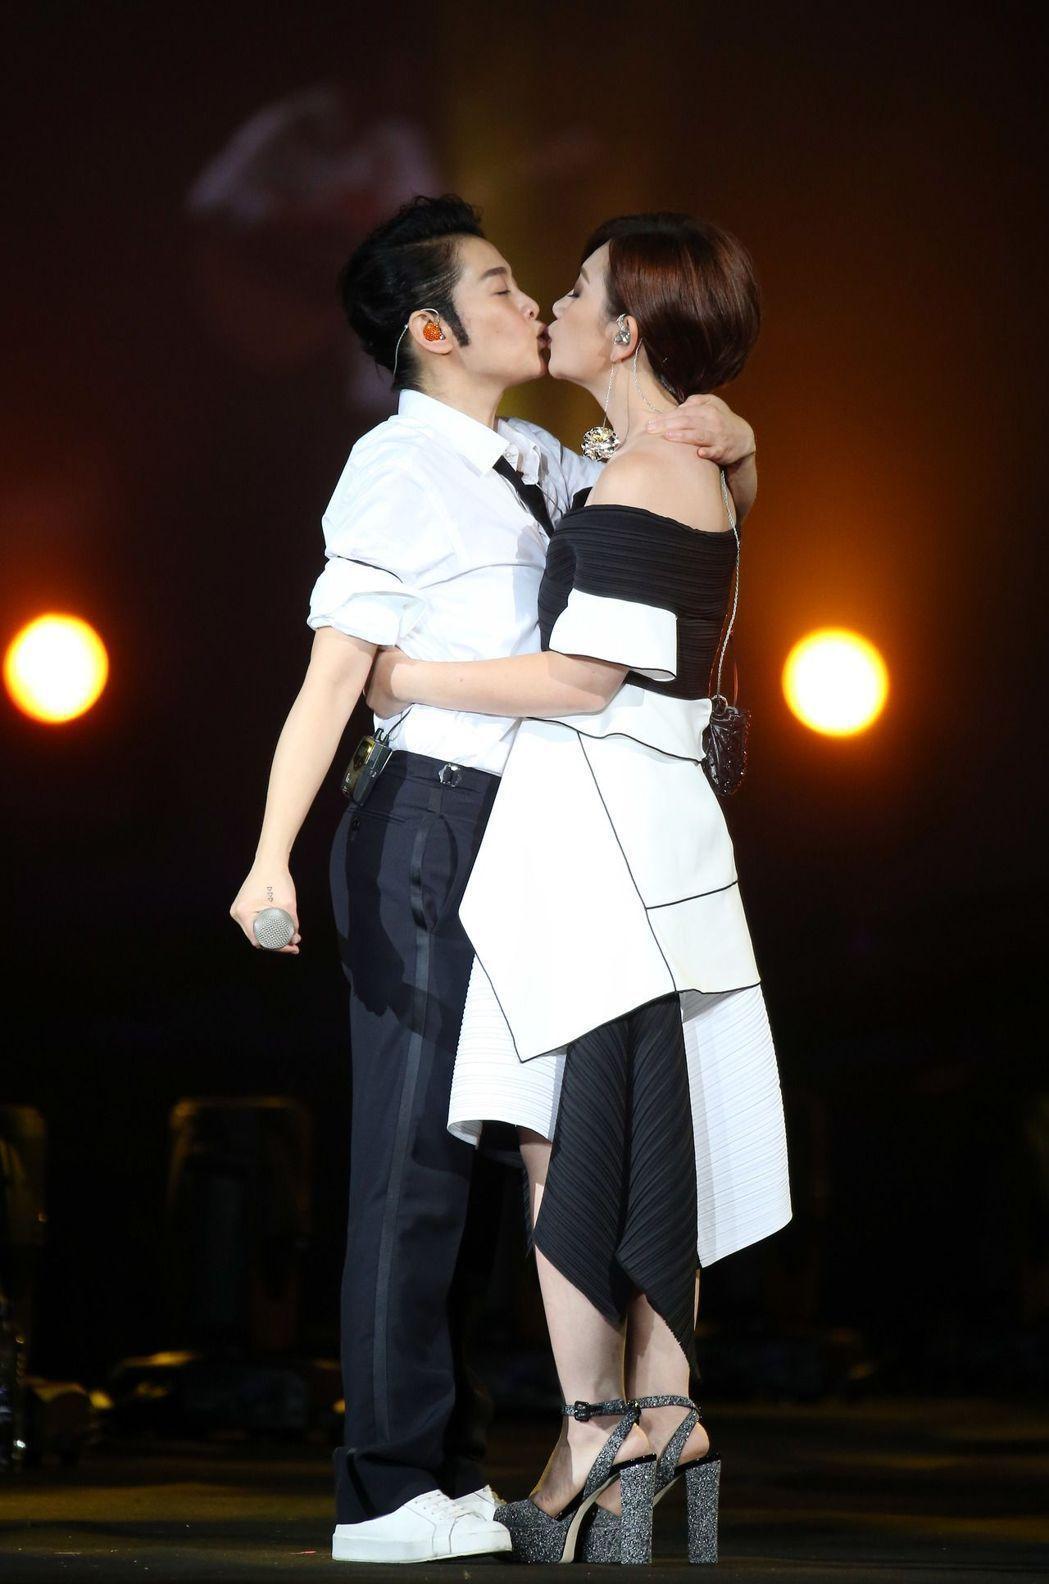 劉若英與梁靜茹在台上玩親親。記者陳瑞源/攝影